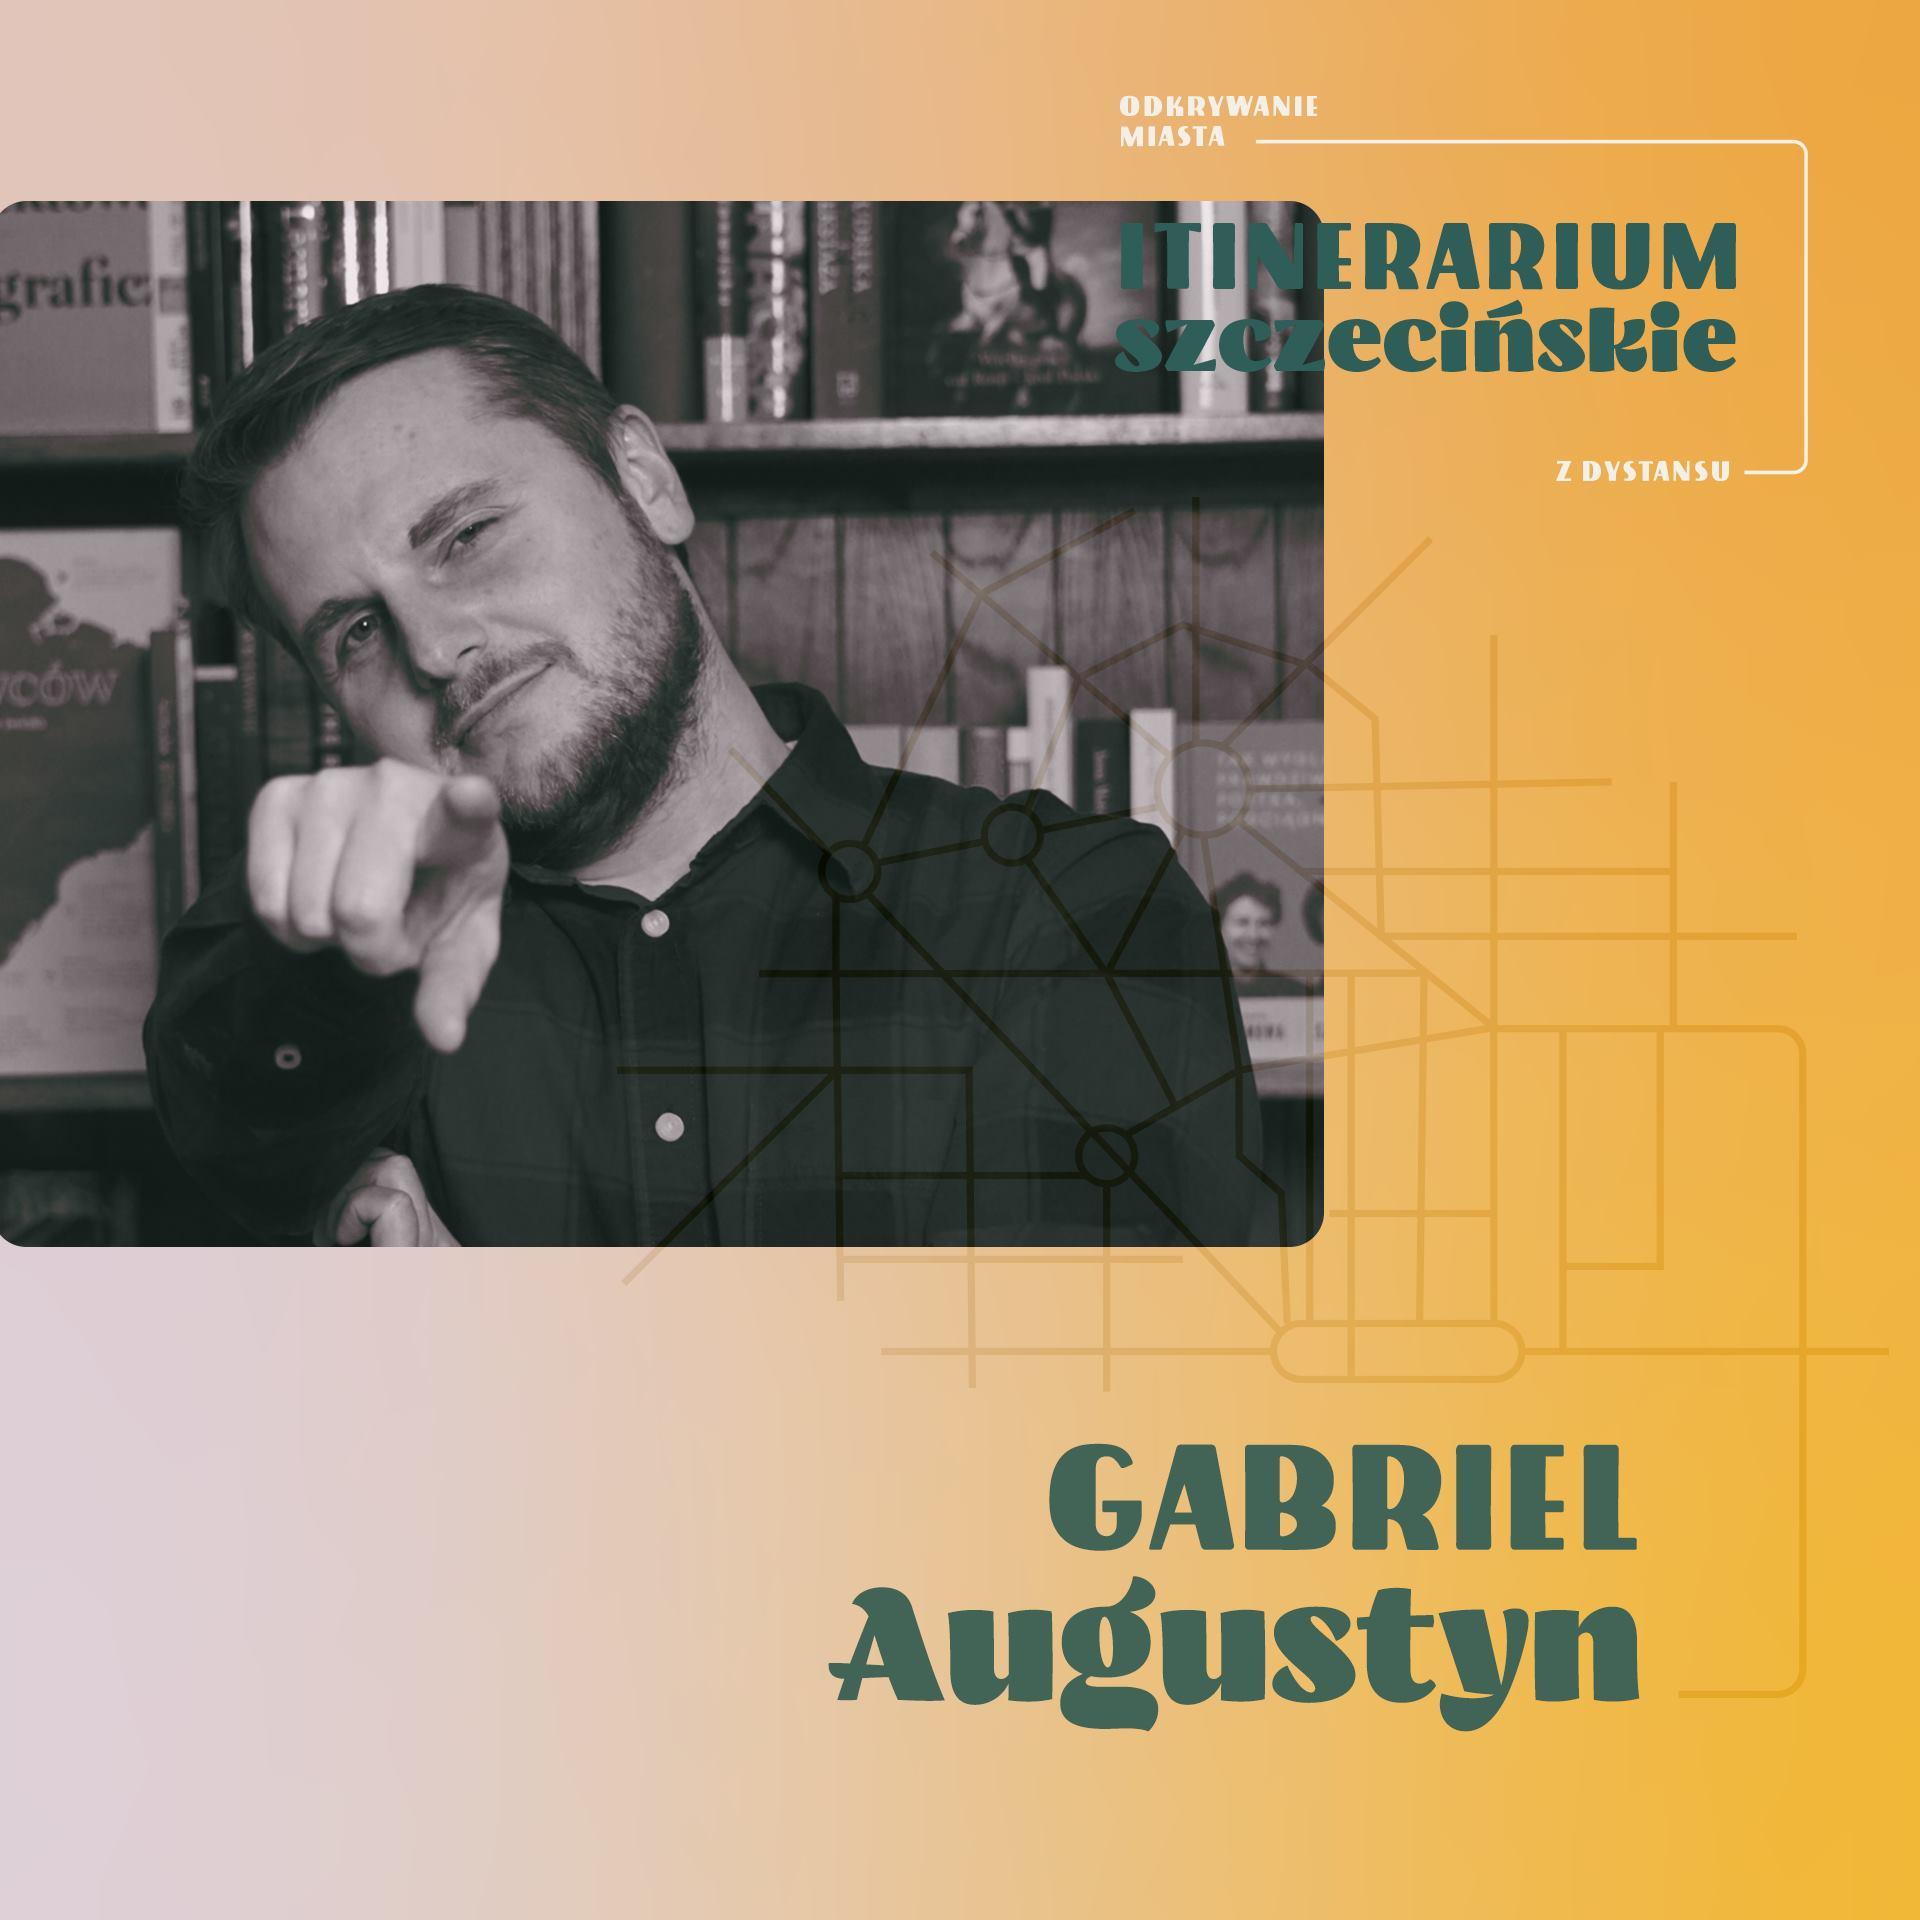 Wybierz się na audio spacer śladem szczecińskich literackich adresów